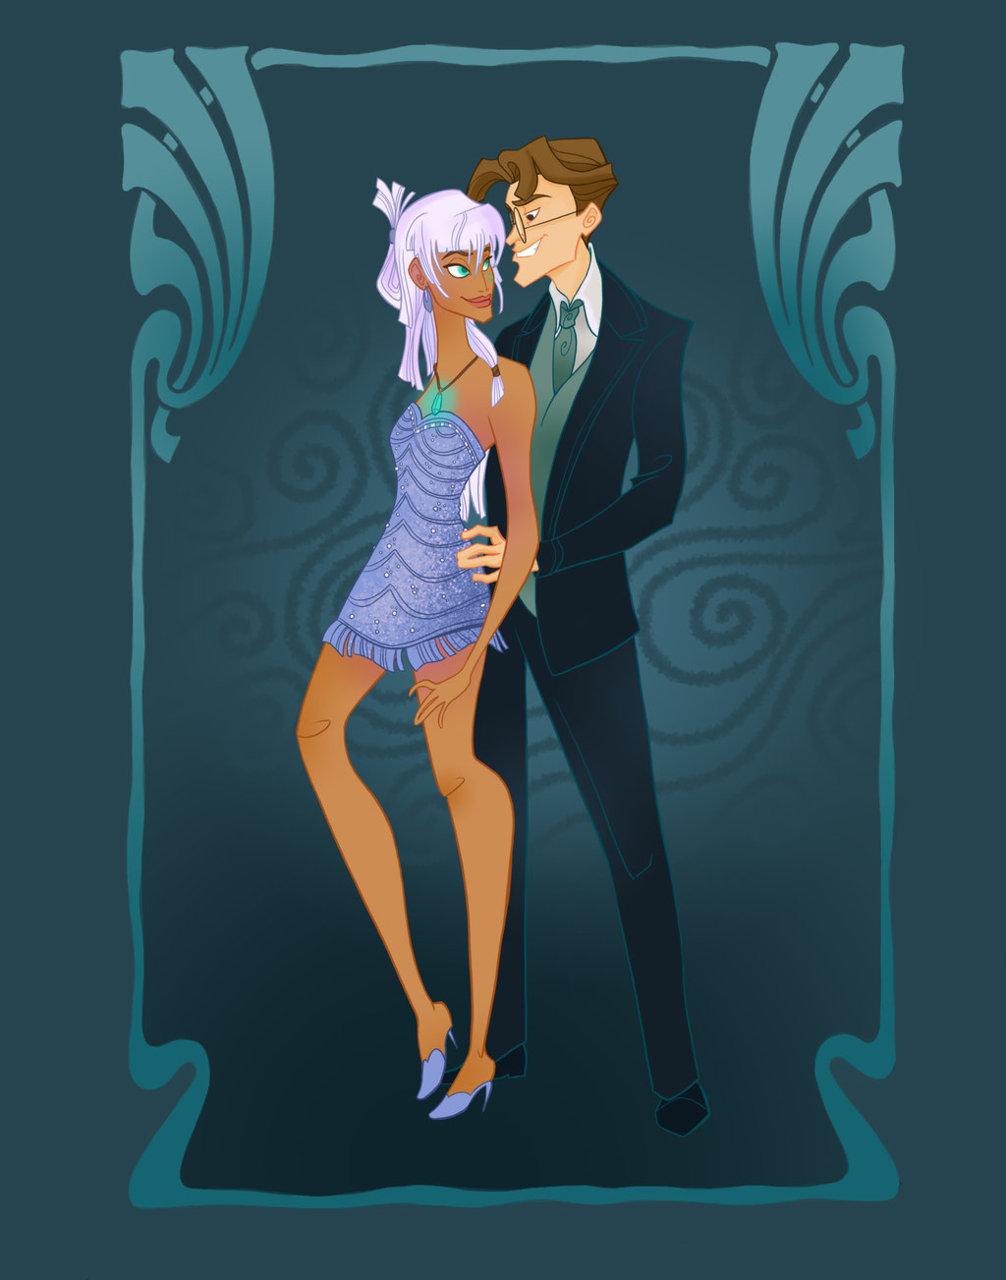 もしもシリーズ】ディズニーカップルがプロムに出席したら… - naver まとめ